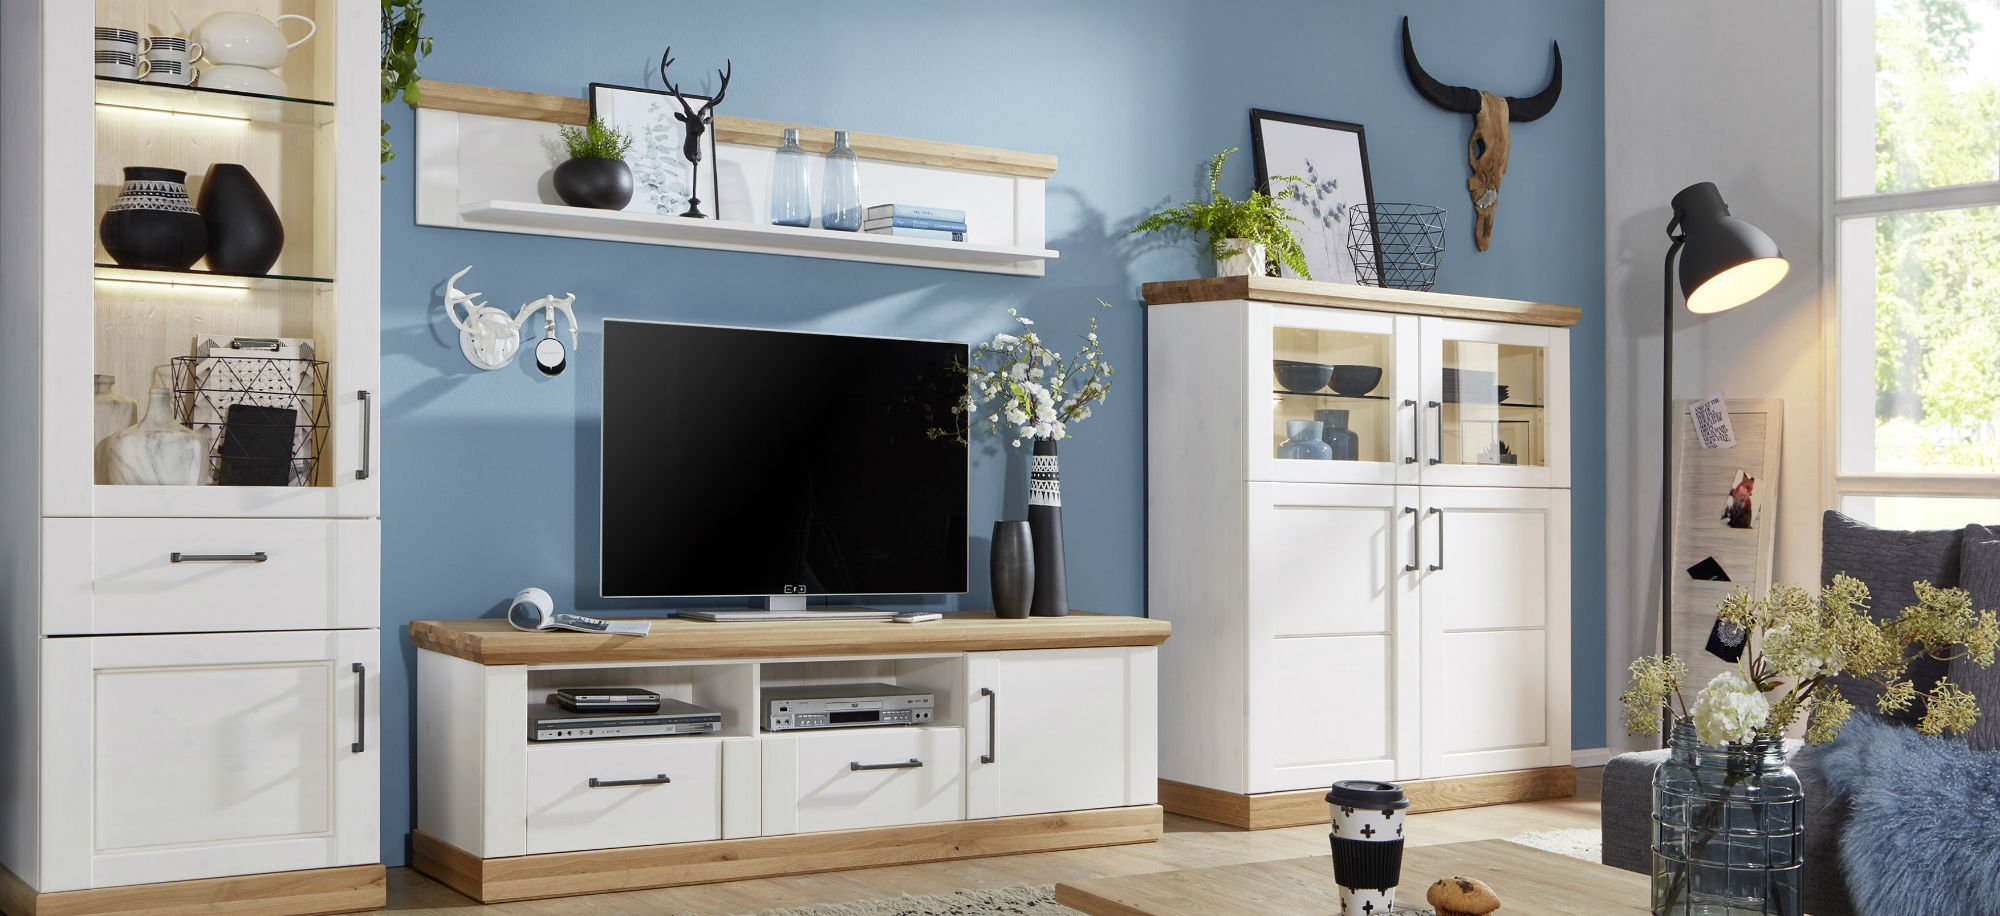 Wohnzimmer Speisezimmer Hagebro Kiefer Massiv weiß, Bild 3